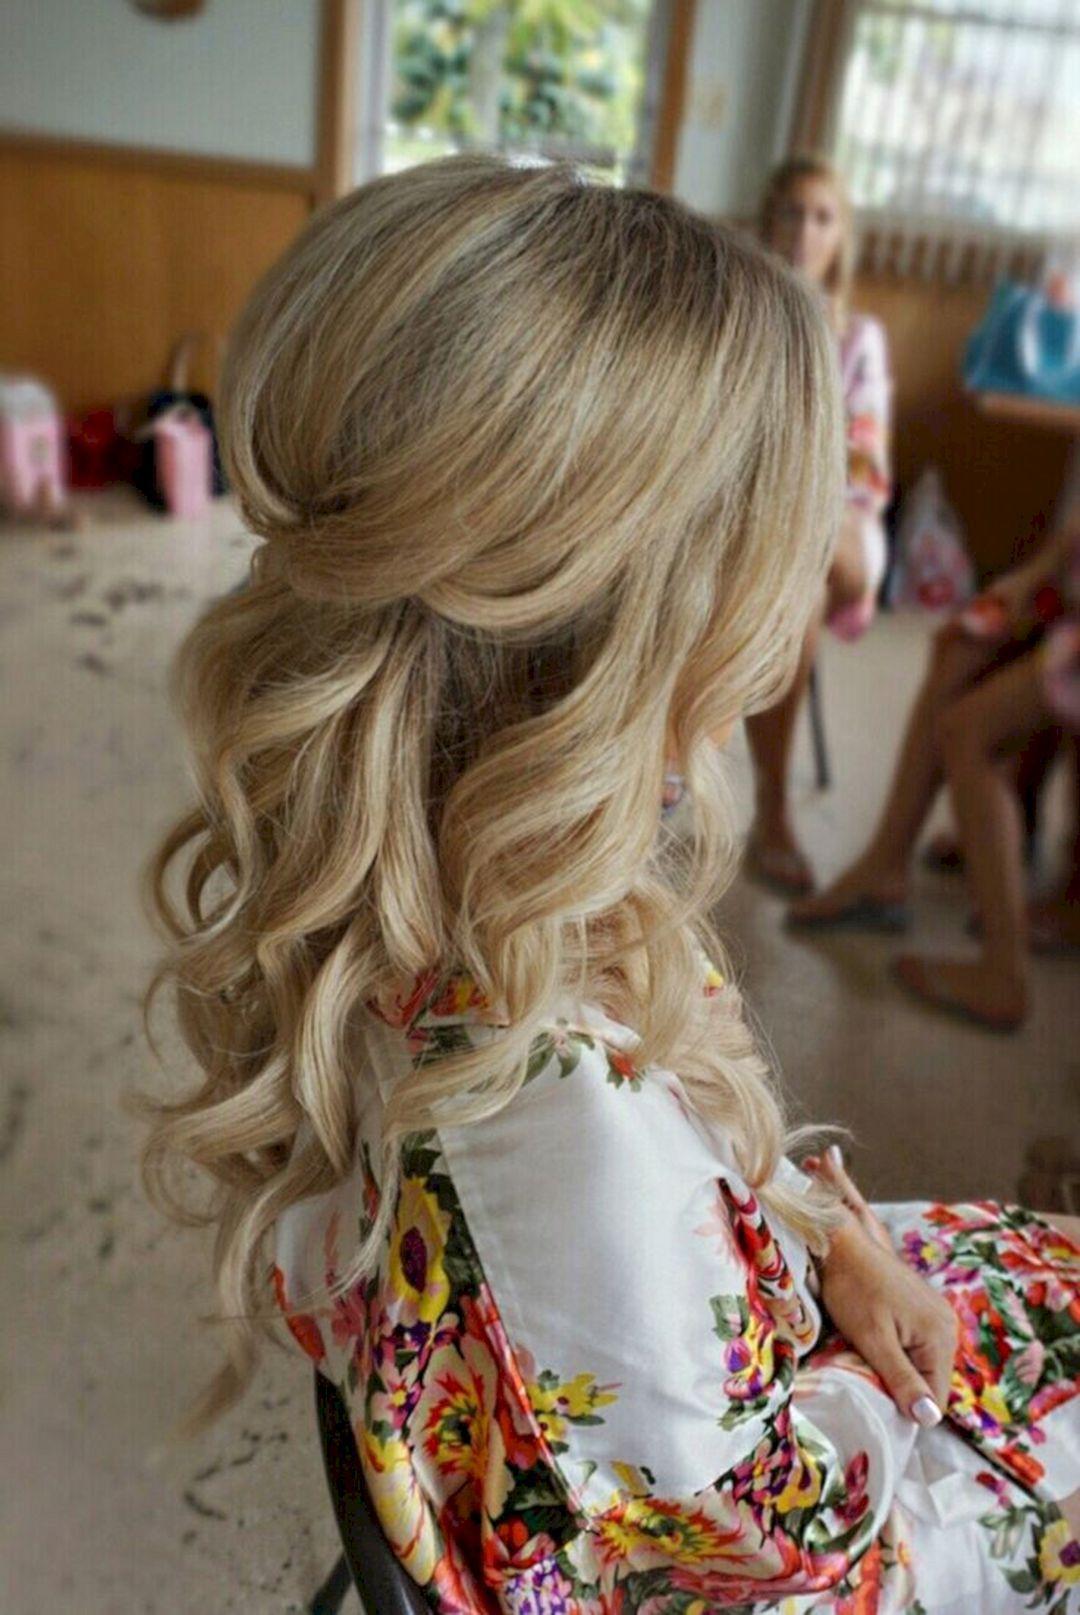 Stunning half up half down wedding hairstyles ideas no hair